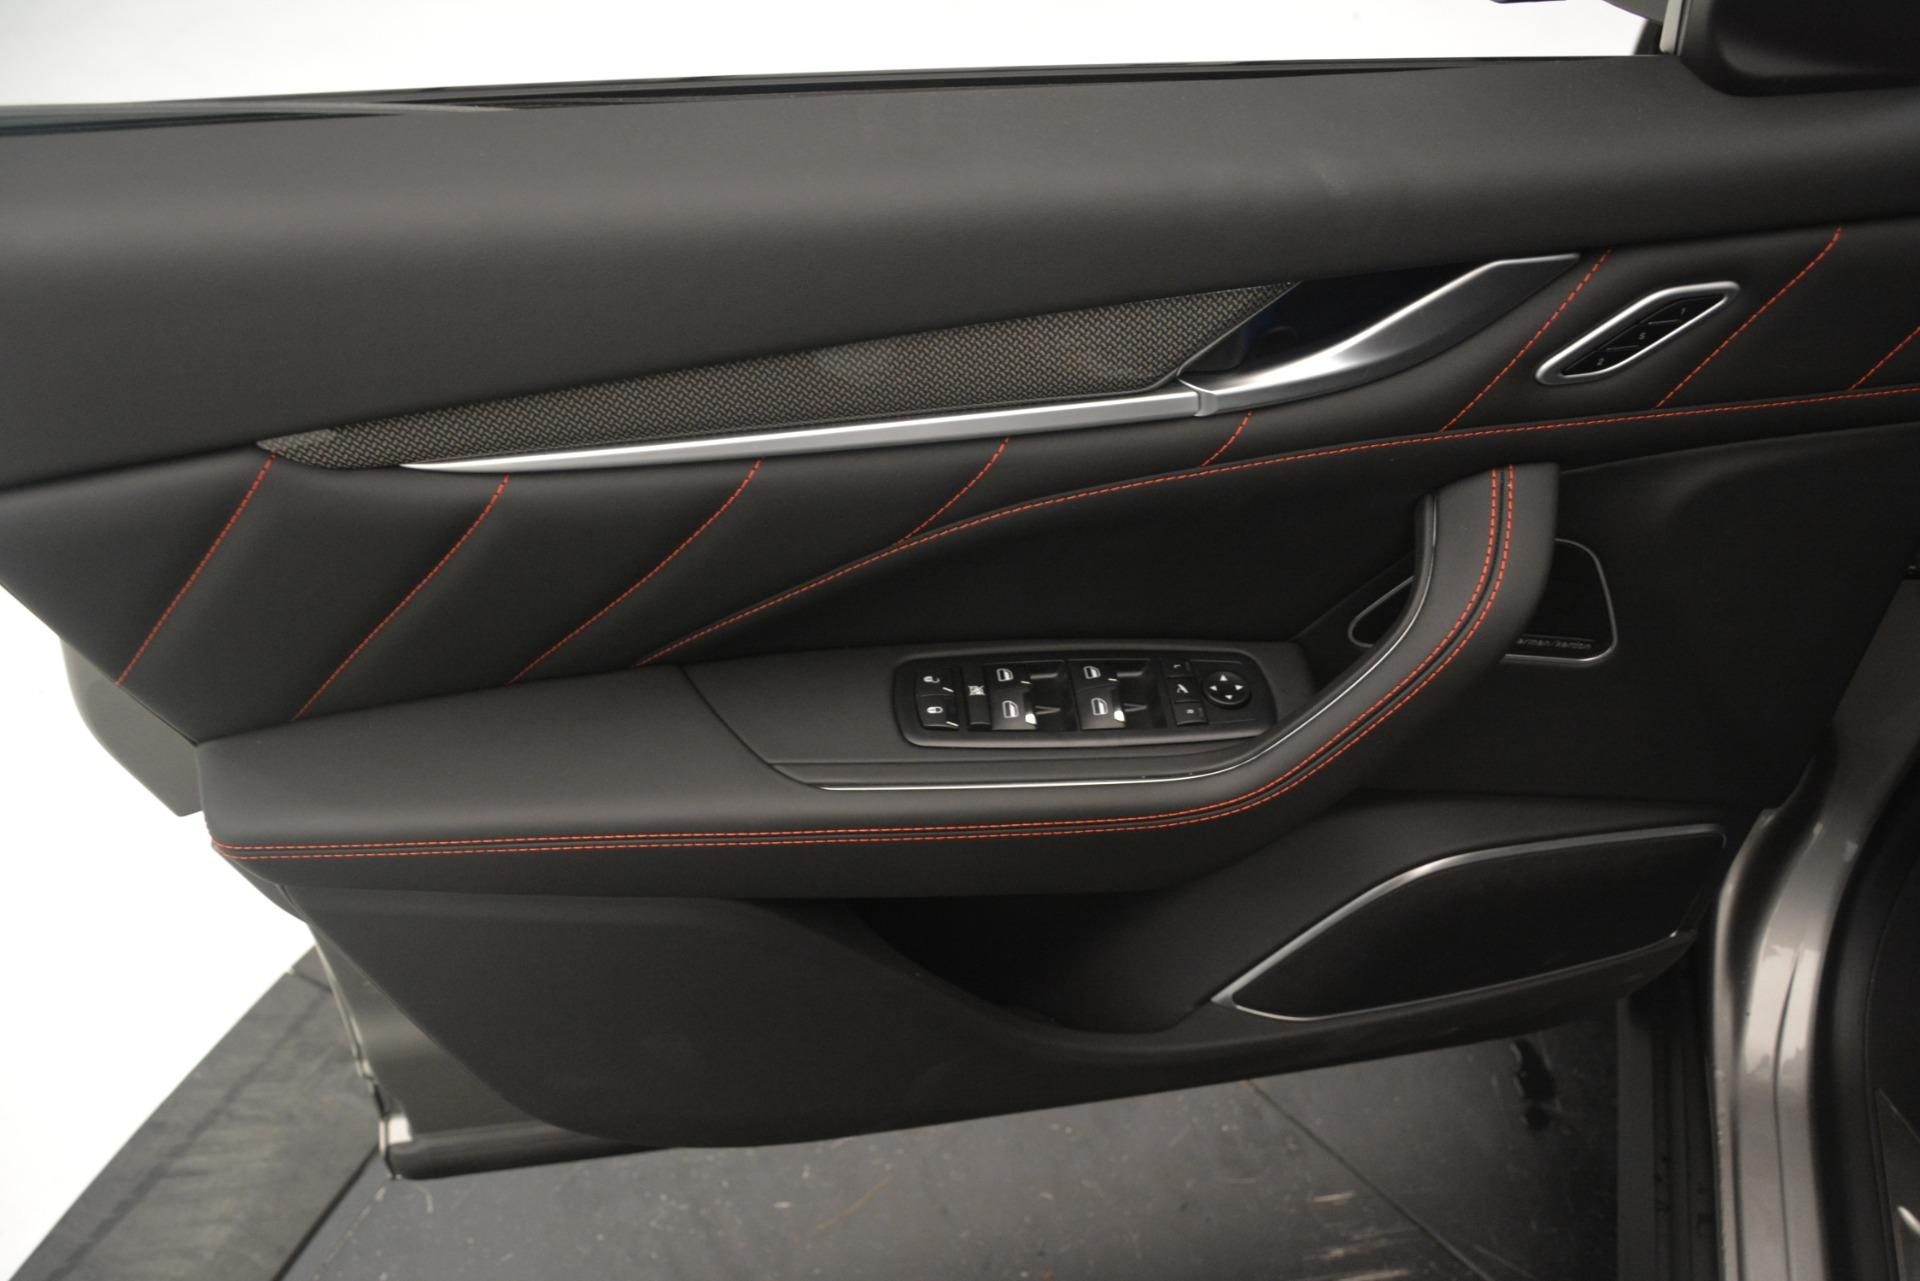 New 2019 Maserati Levante SQ4 GranSport Nerissimo For Sale In Greenwich, CT 3144_p17